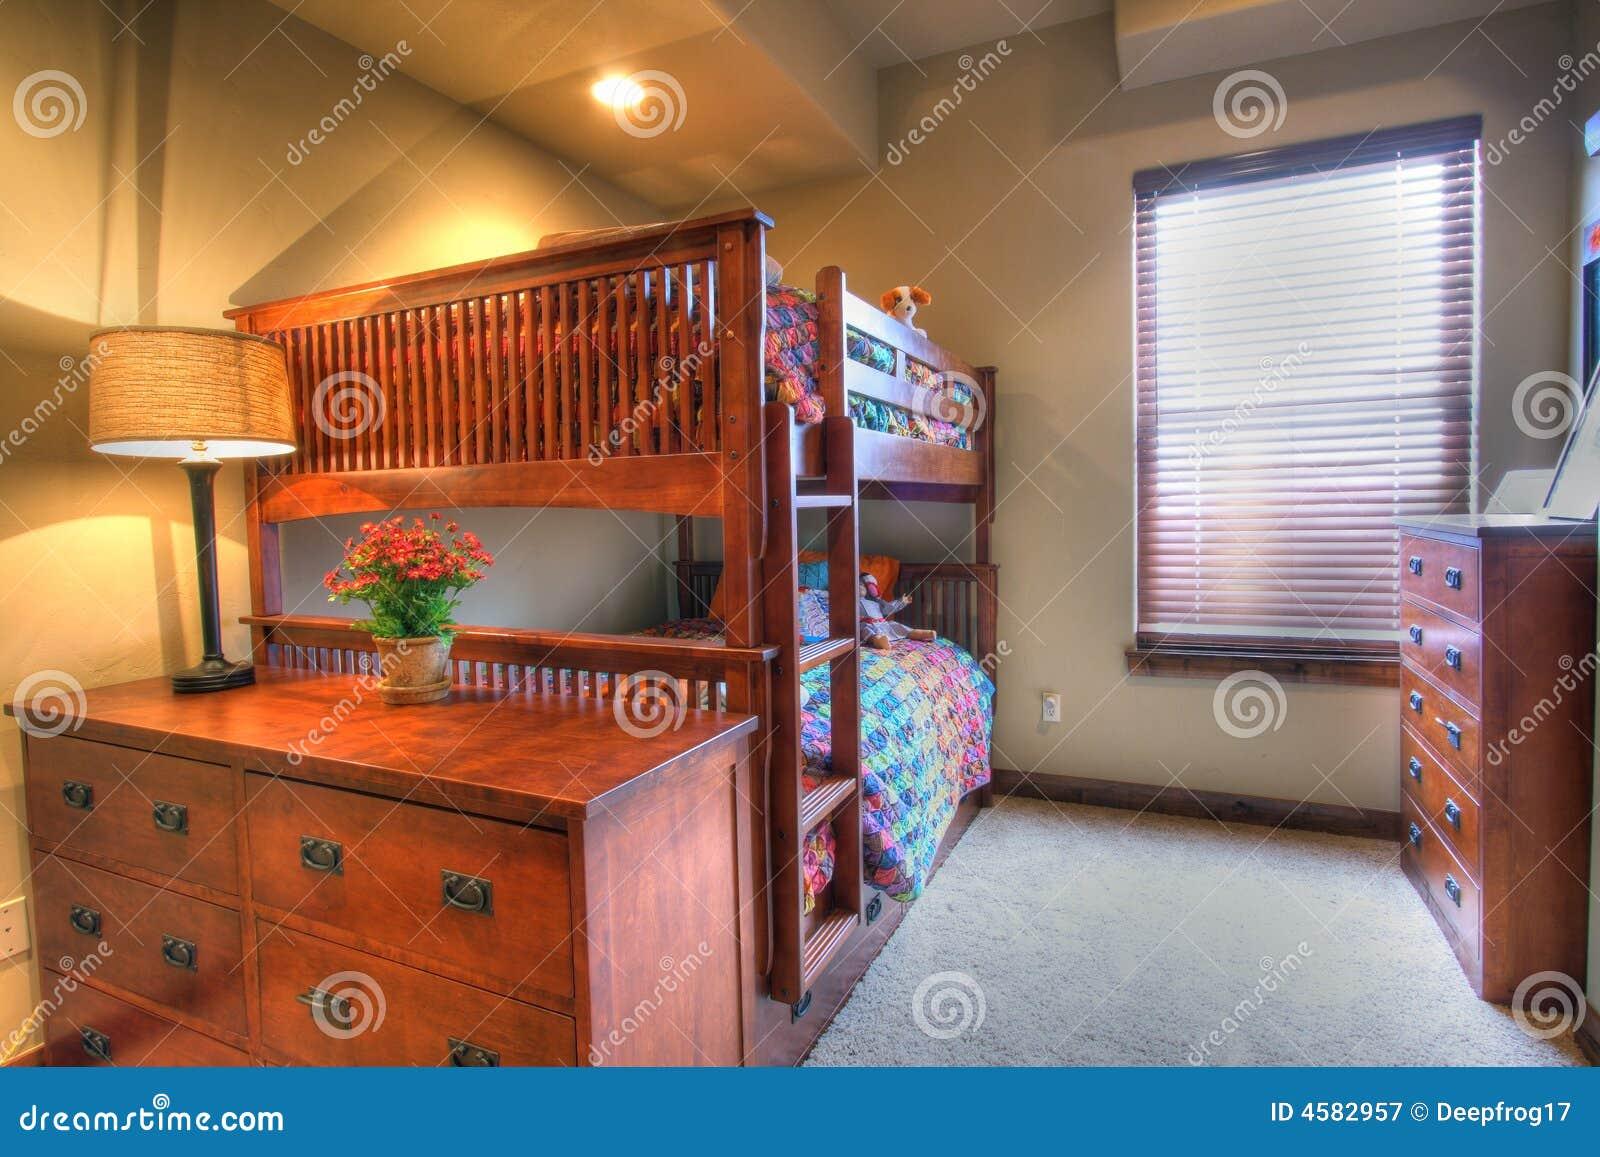 bed bedroom bunk ...